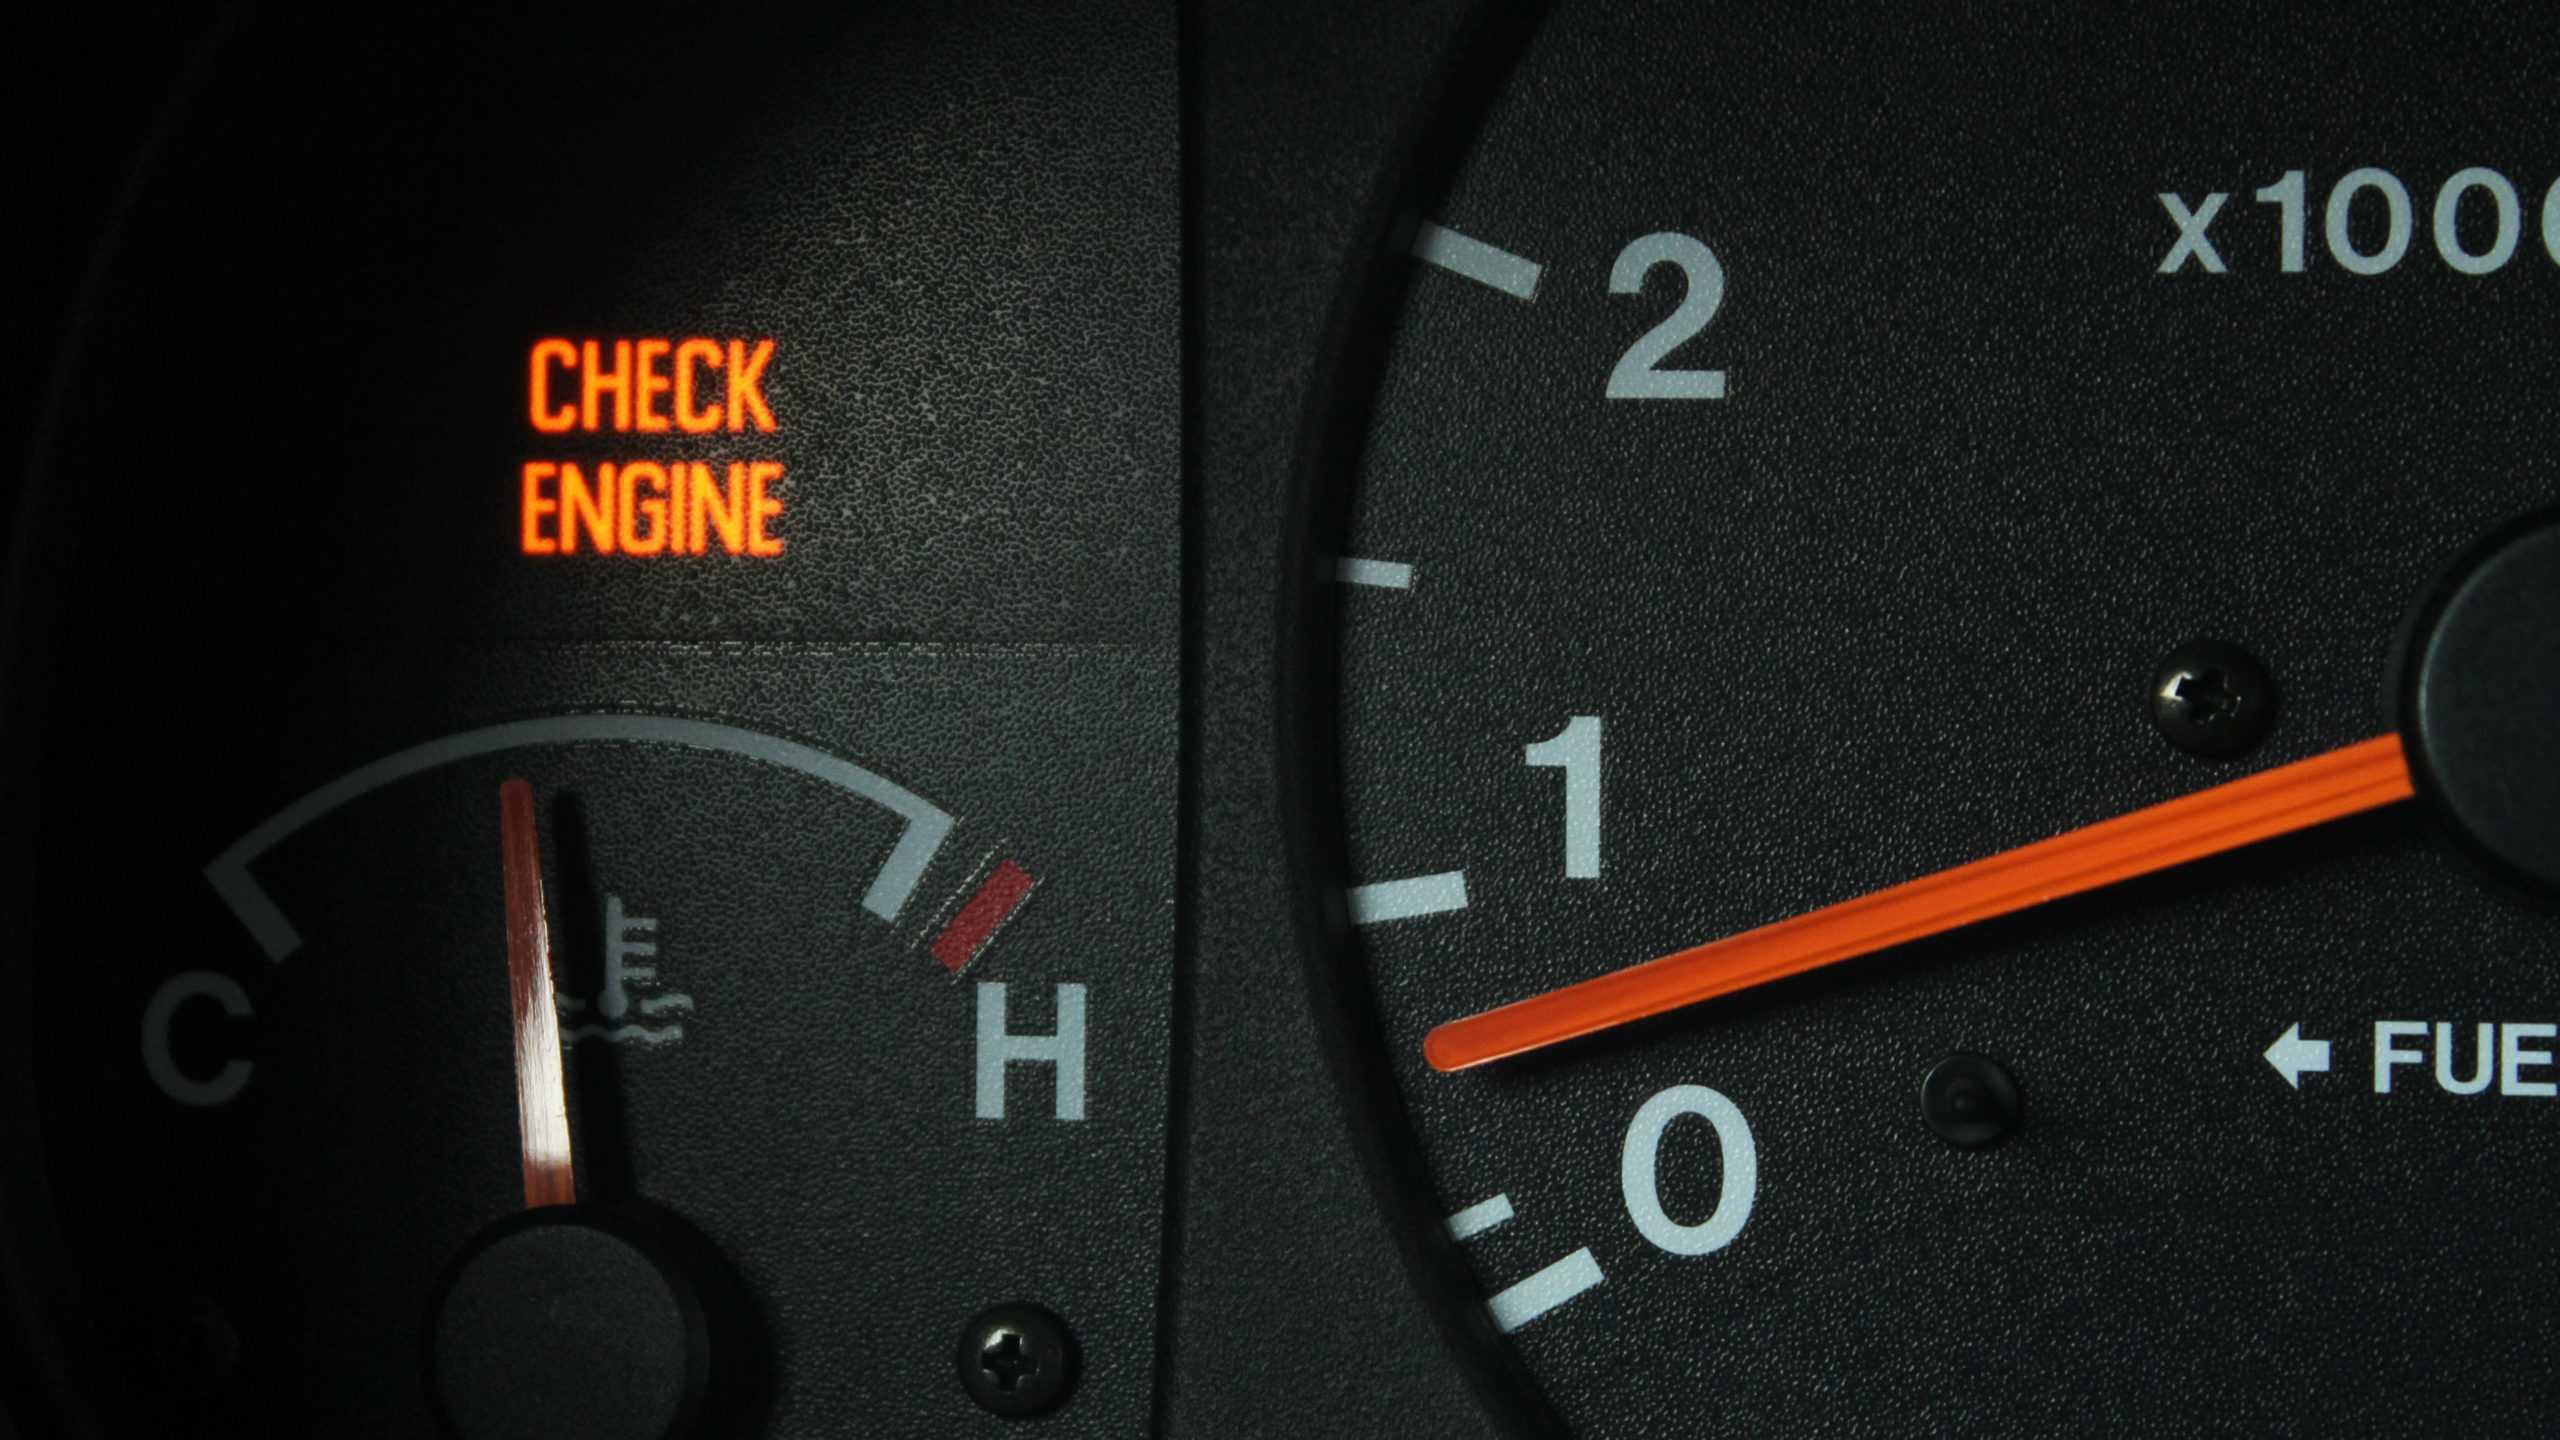 Решено - Ниссан Альмера Н16 2004 г.в., 1.5л, 98л.с. При сбрасывании педали газа загорается чек енджин | Страница 2 | Форумы автовладельцев